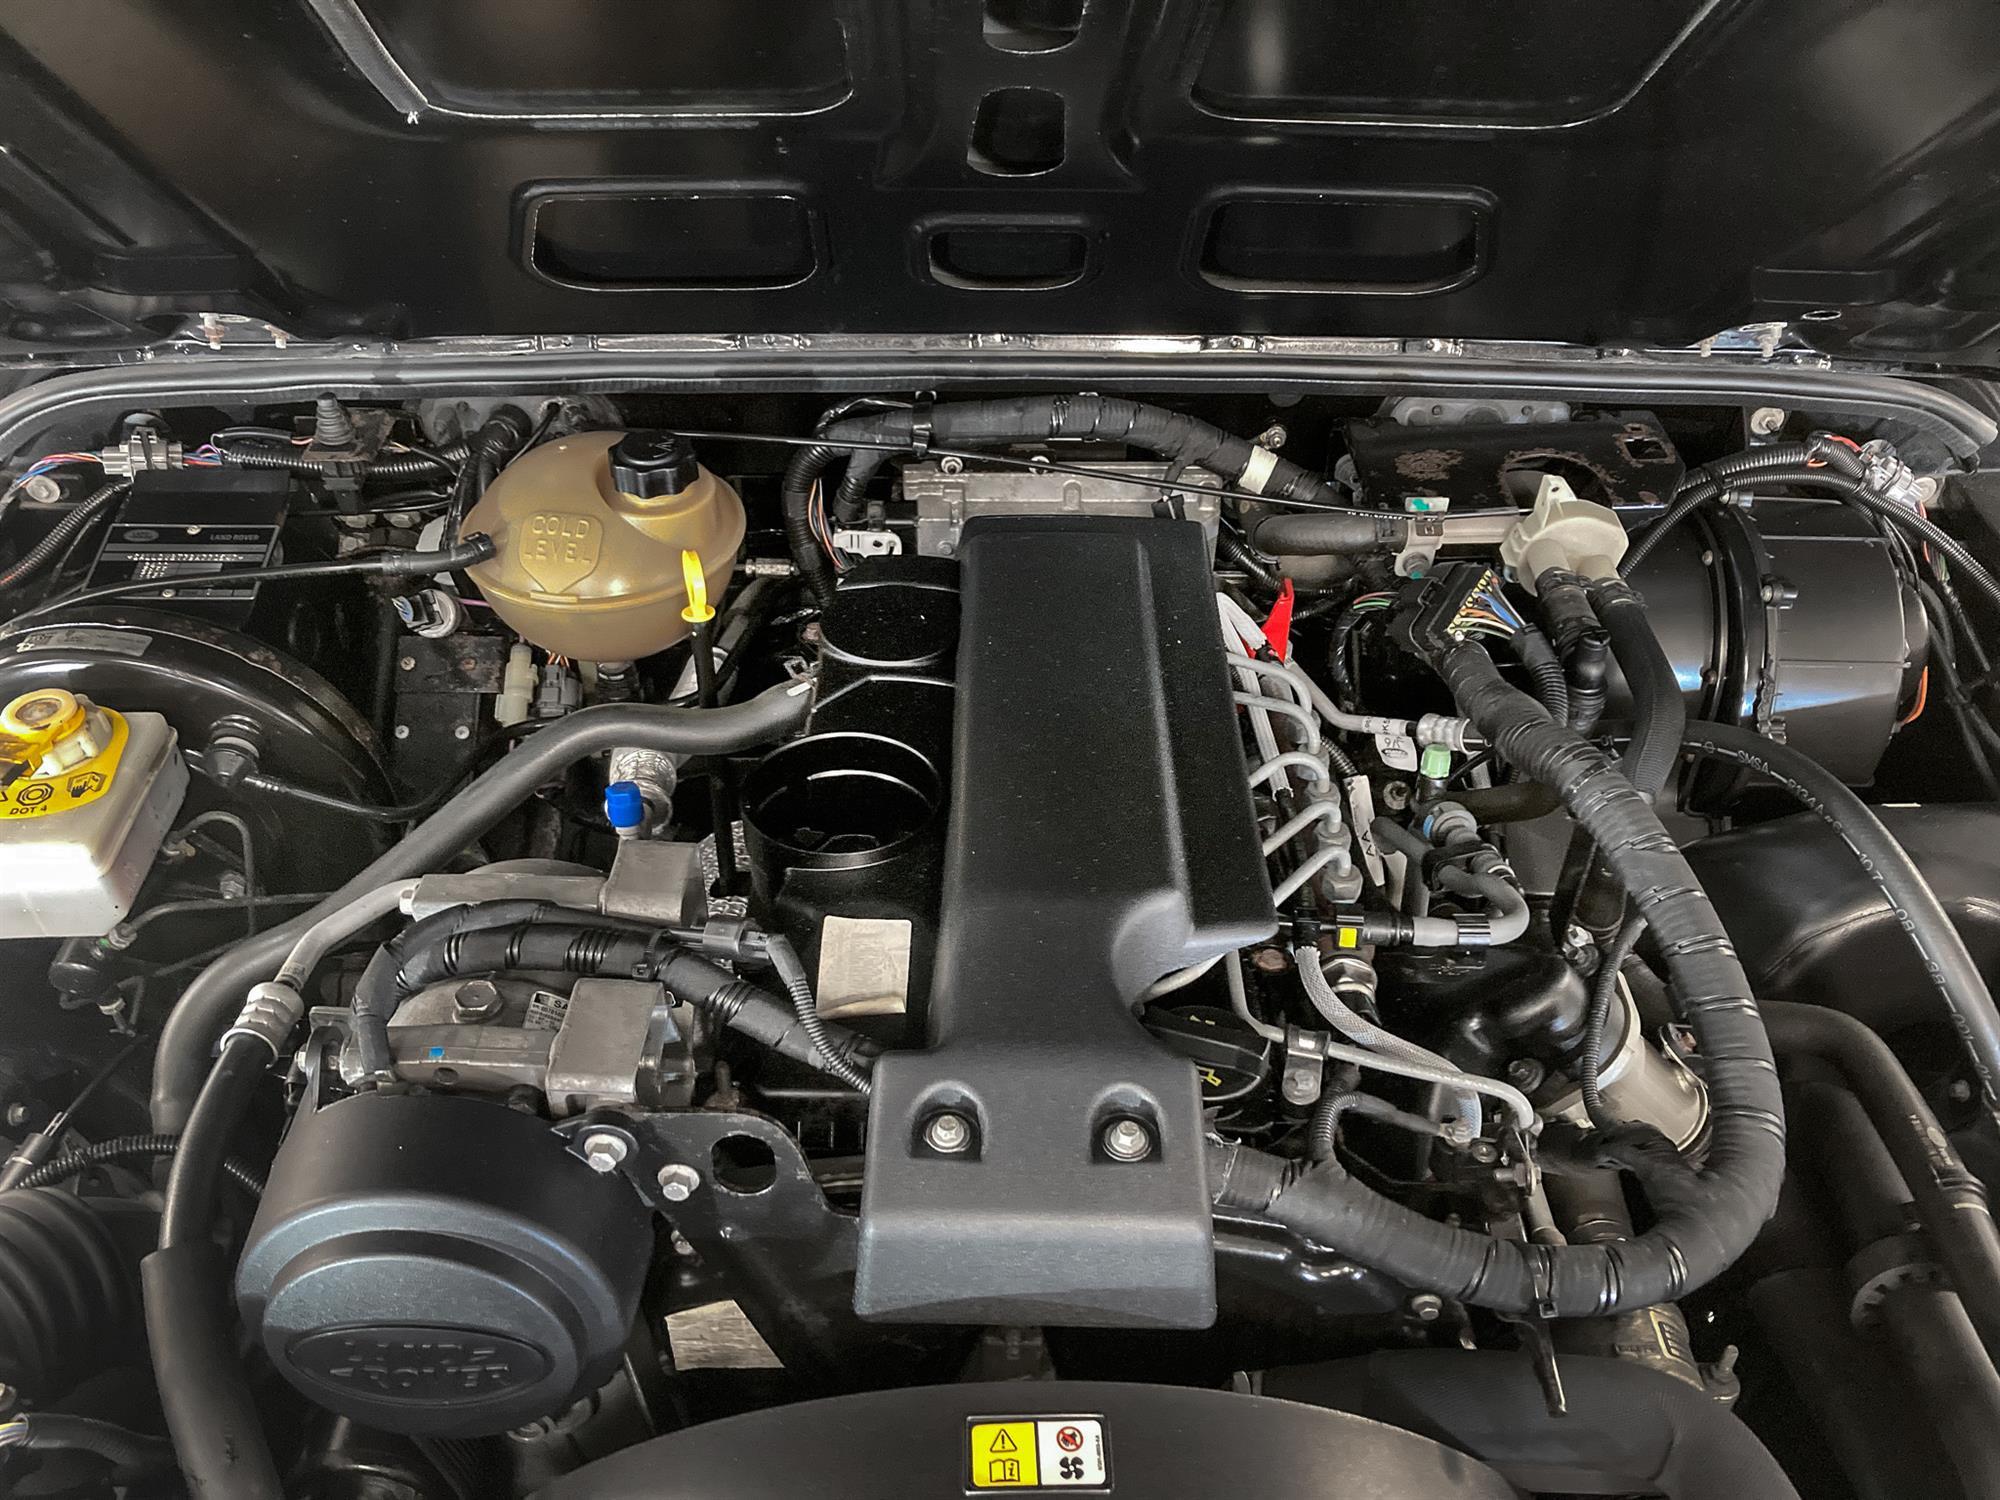 2008 Land Rover Defender 90 SVX - Image 7 of 13